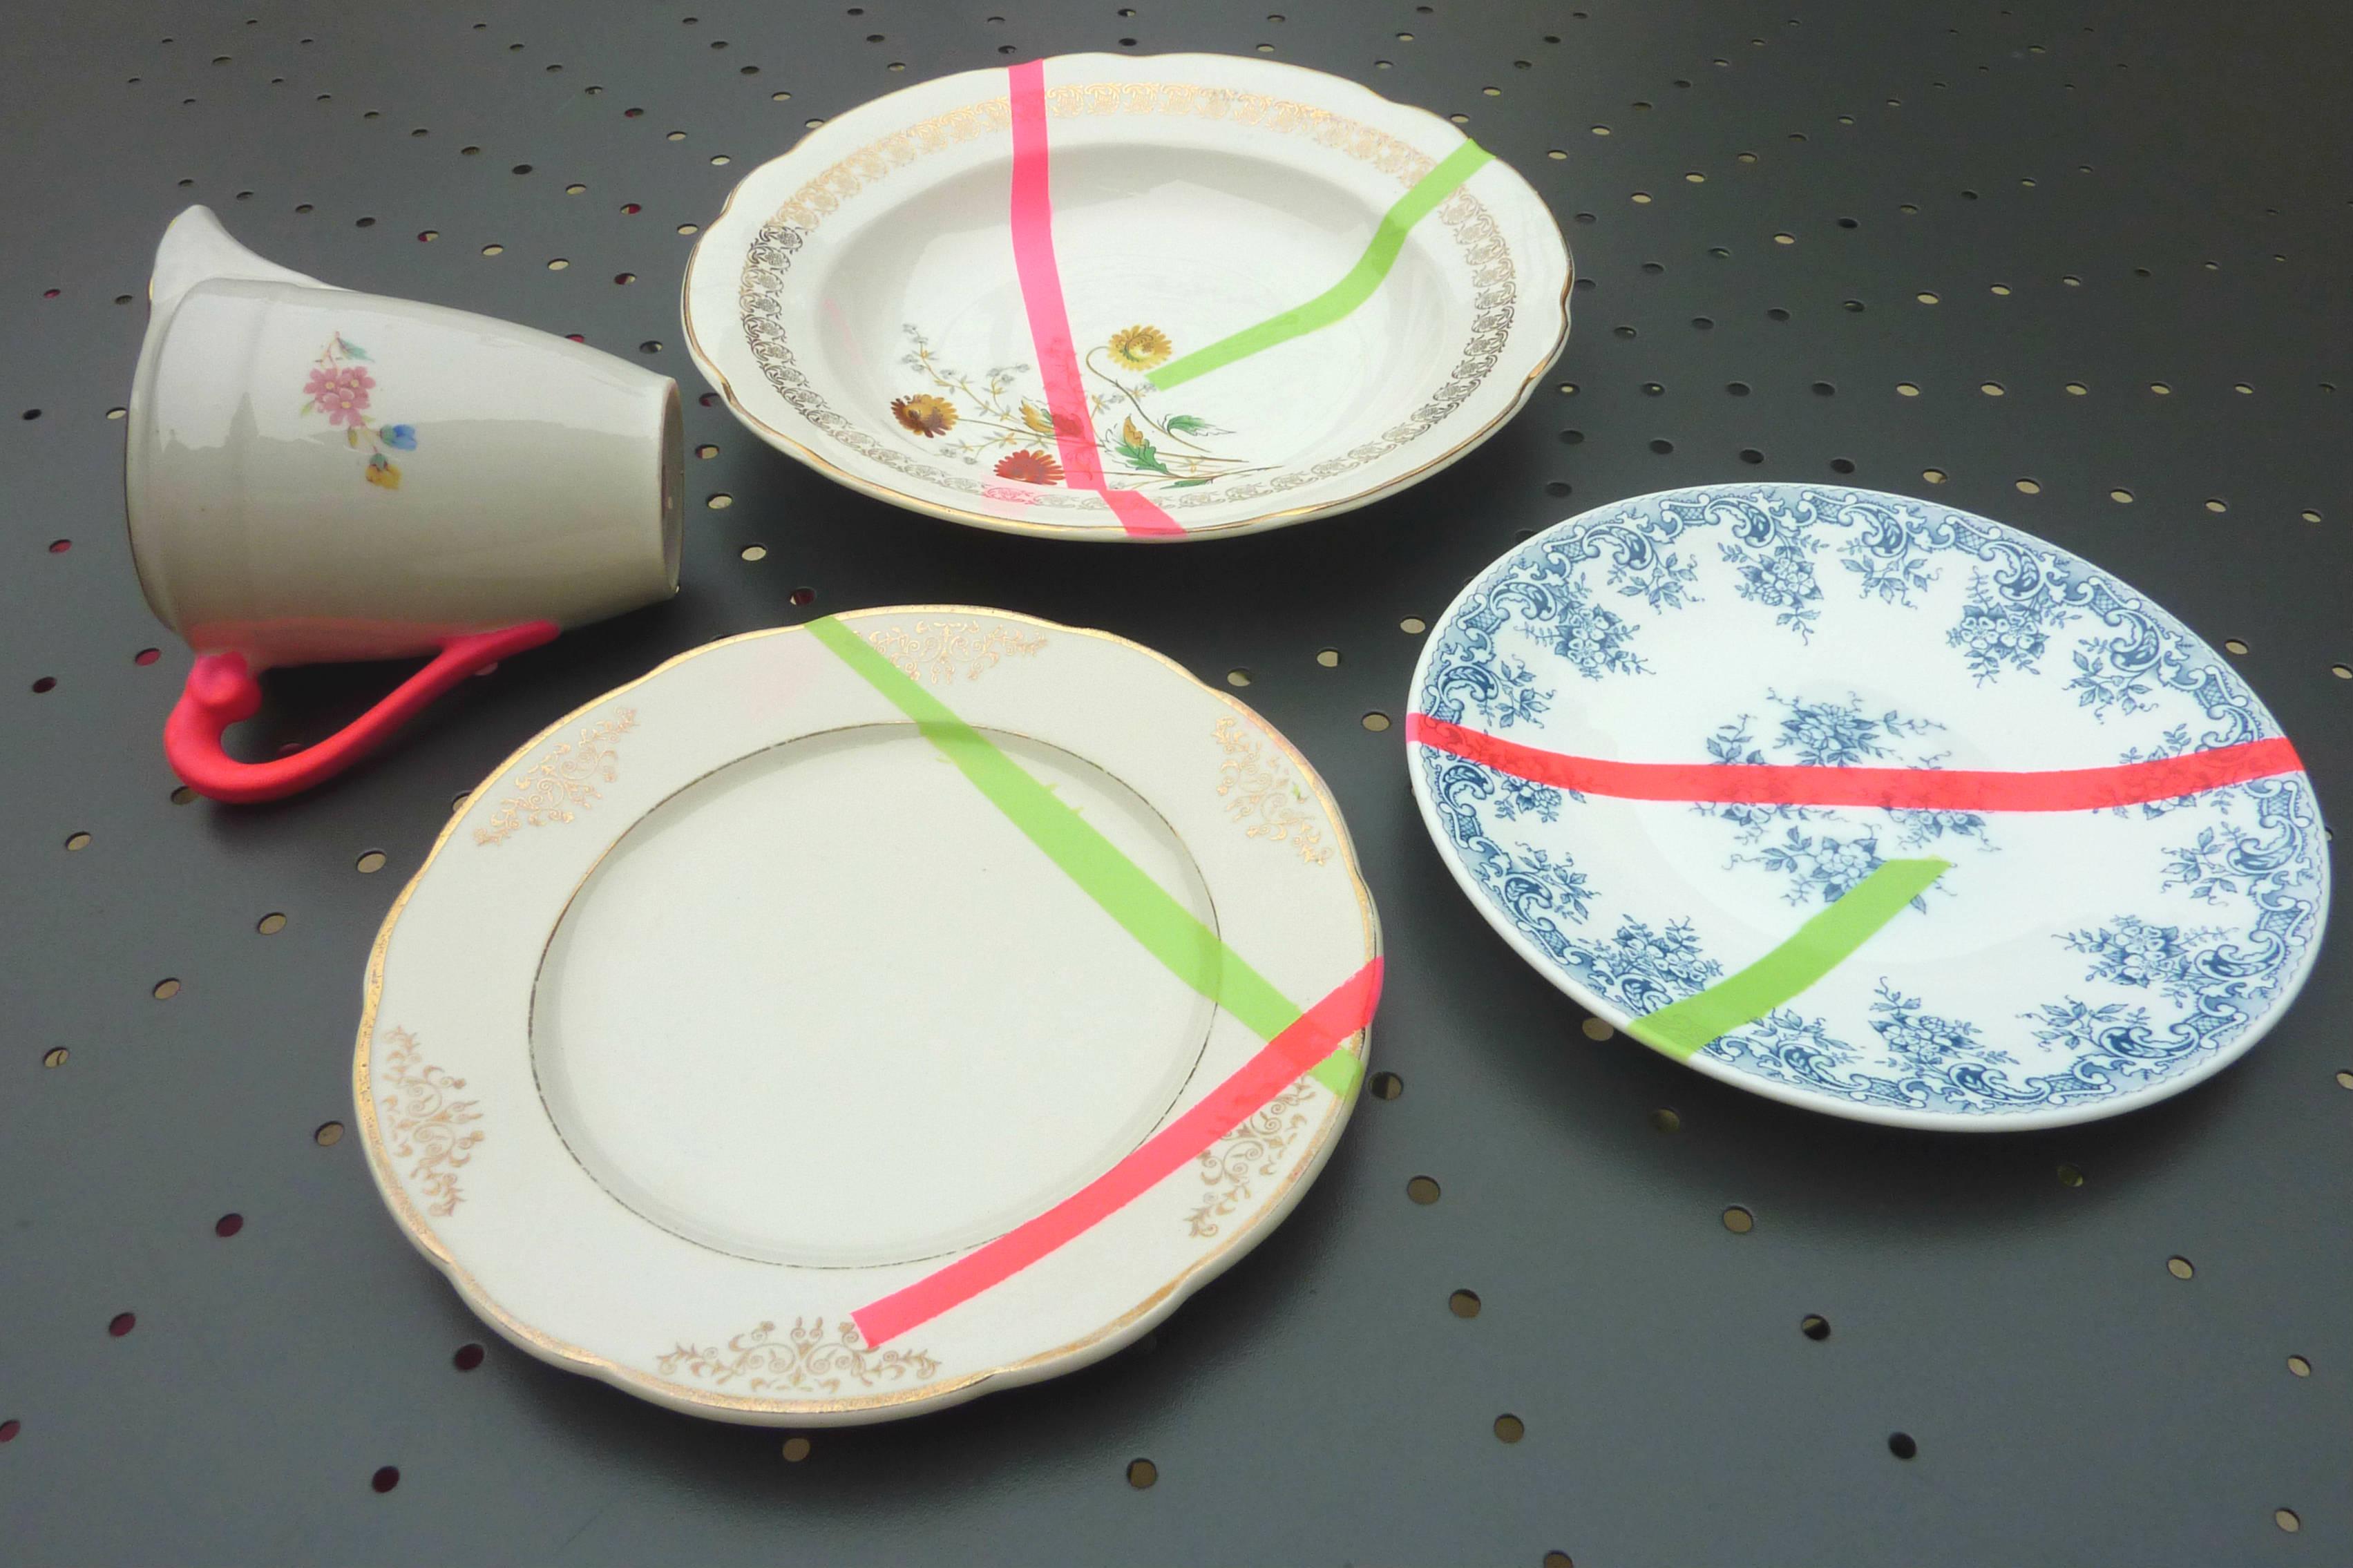 Peinture Pour Lave Vaisselle déringardise la vaisselle de ta mamie ! - wool ma poule